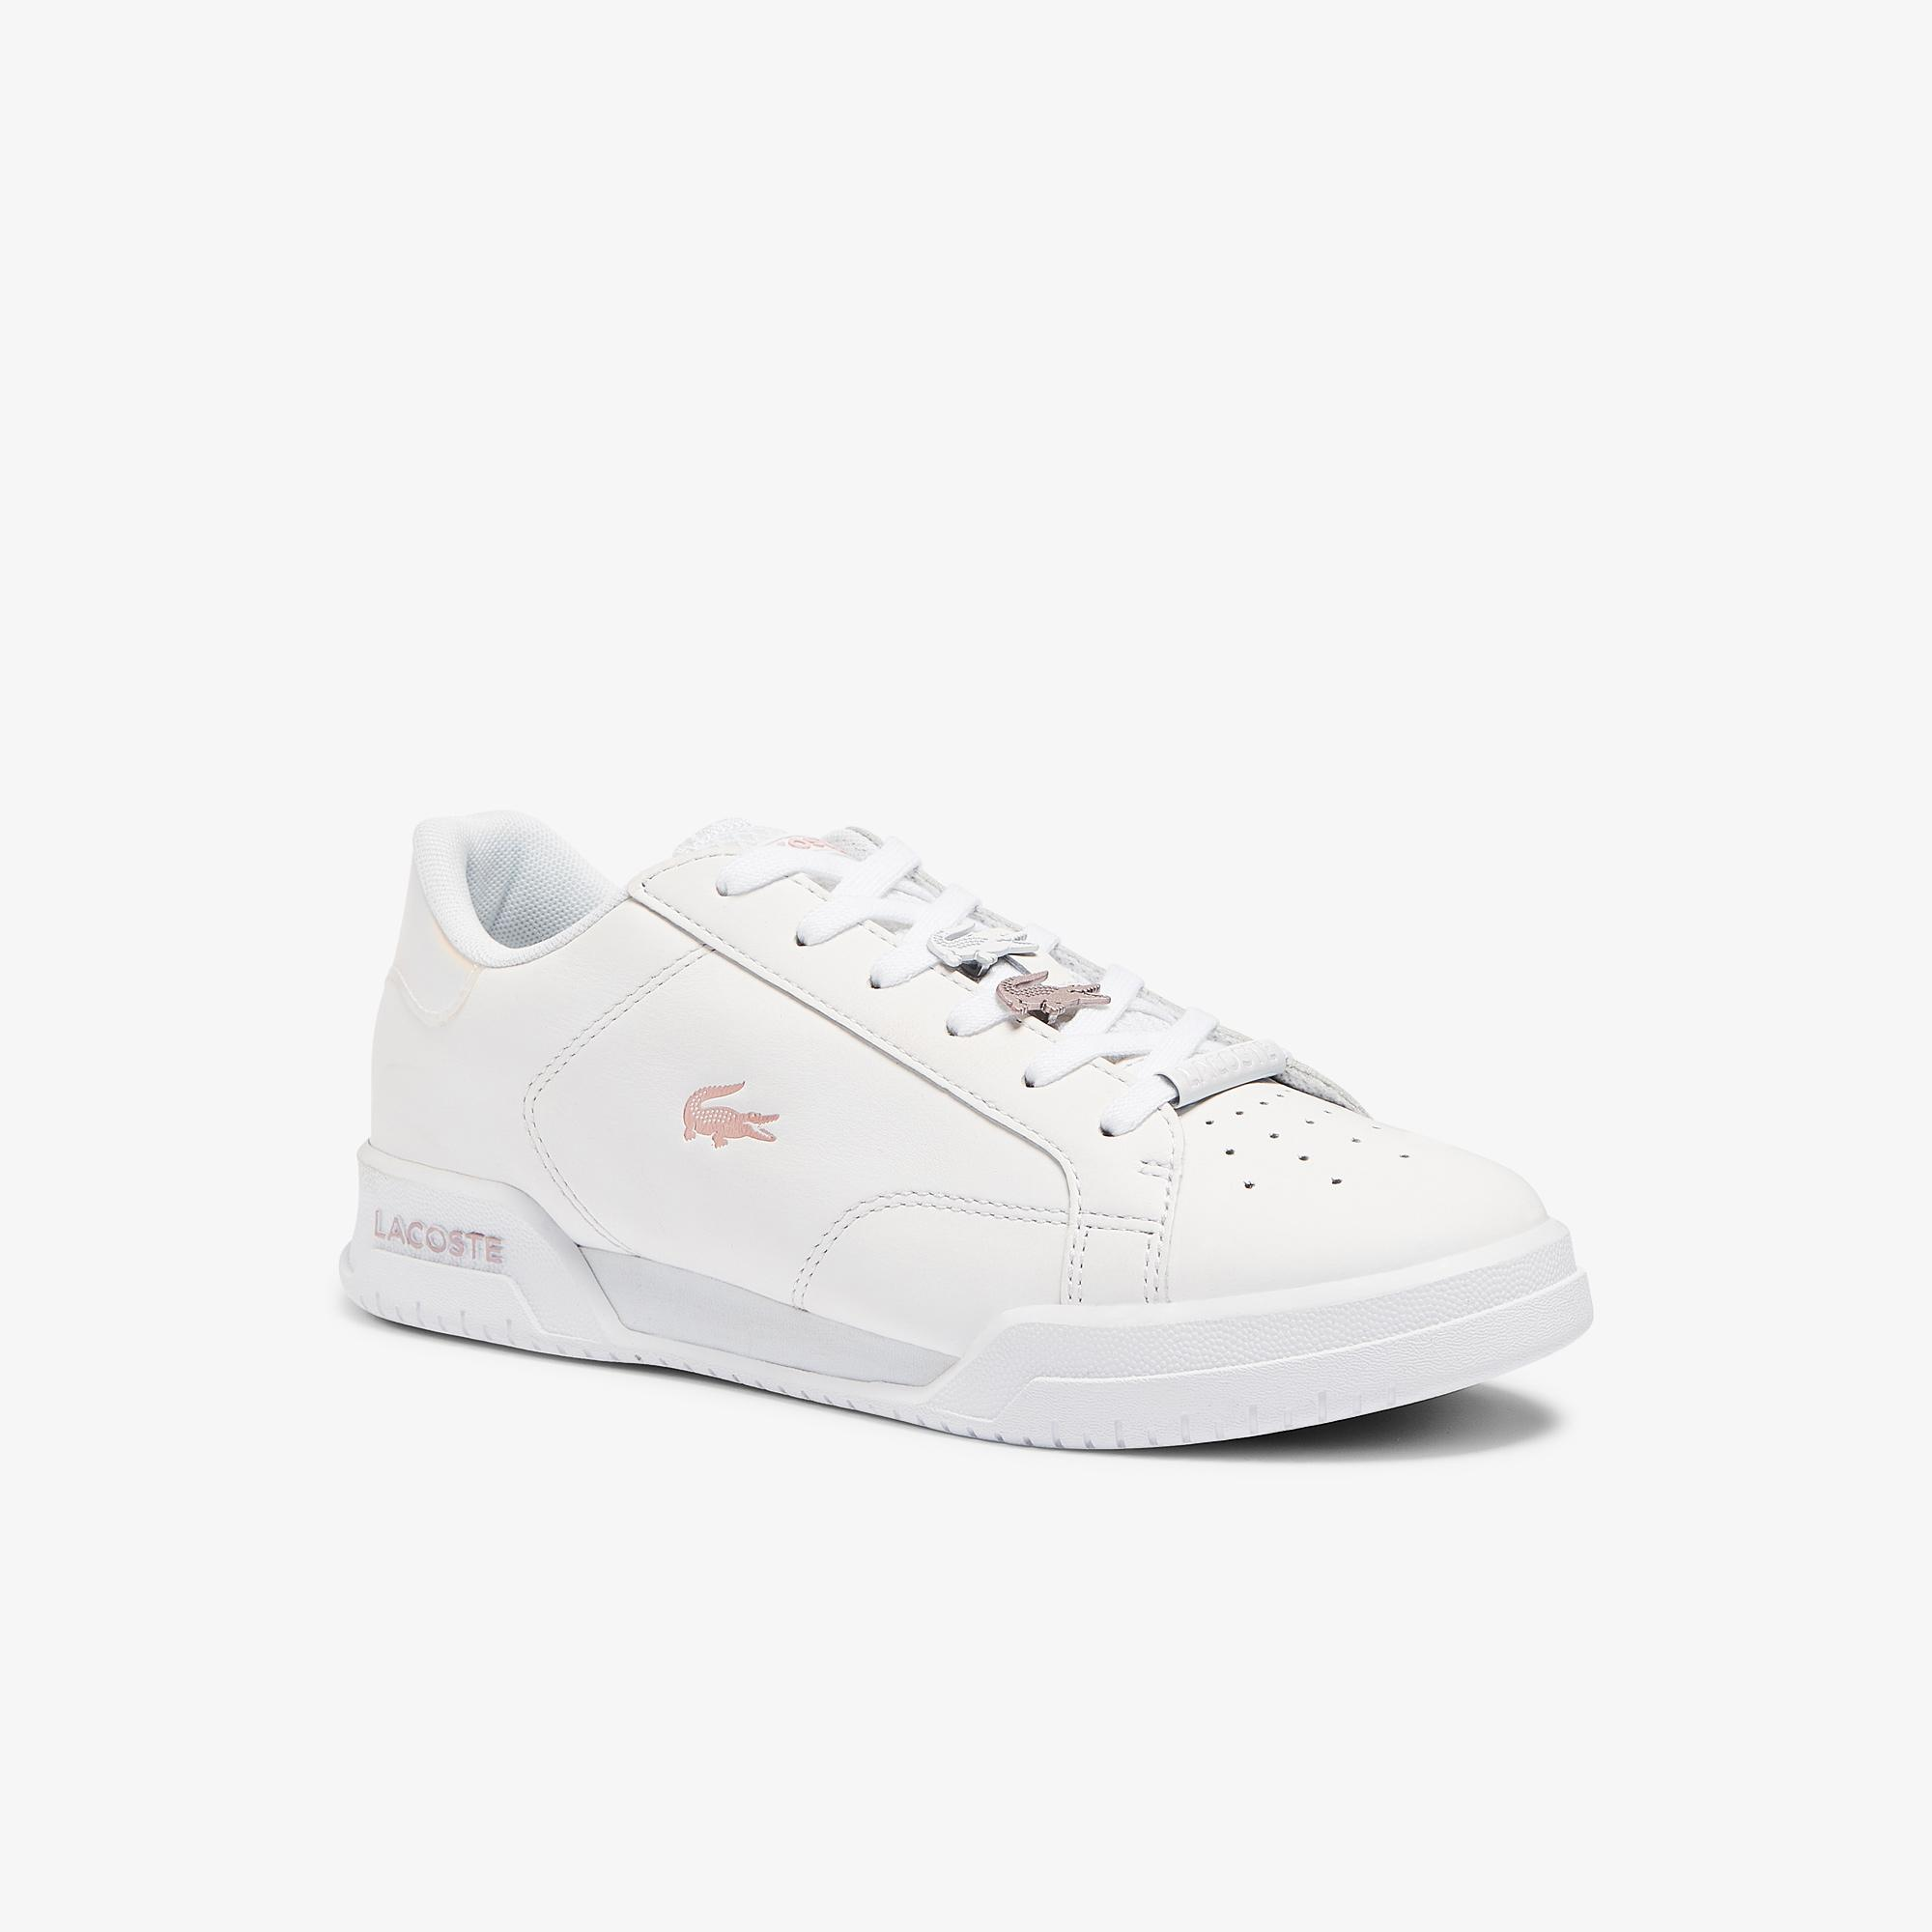 Lacoste Twin Serve 0921 1 Sfa Kadın Beyaz - Pembe Sneaker